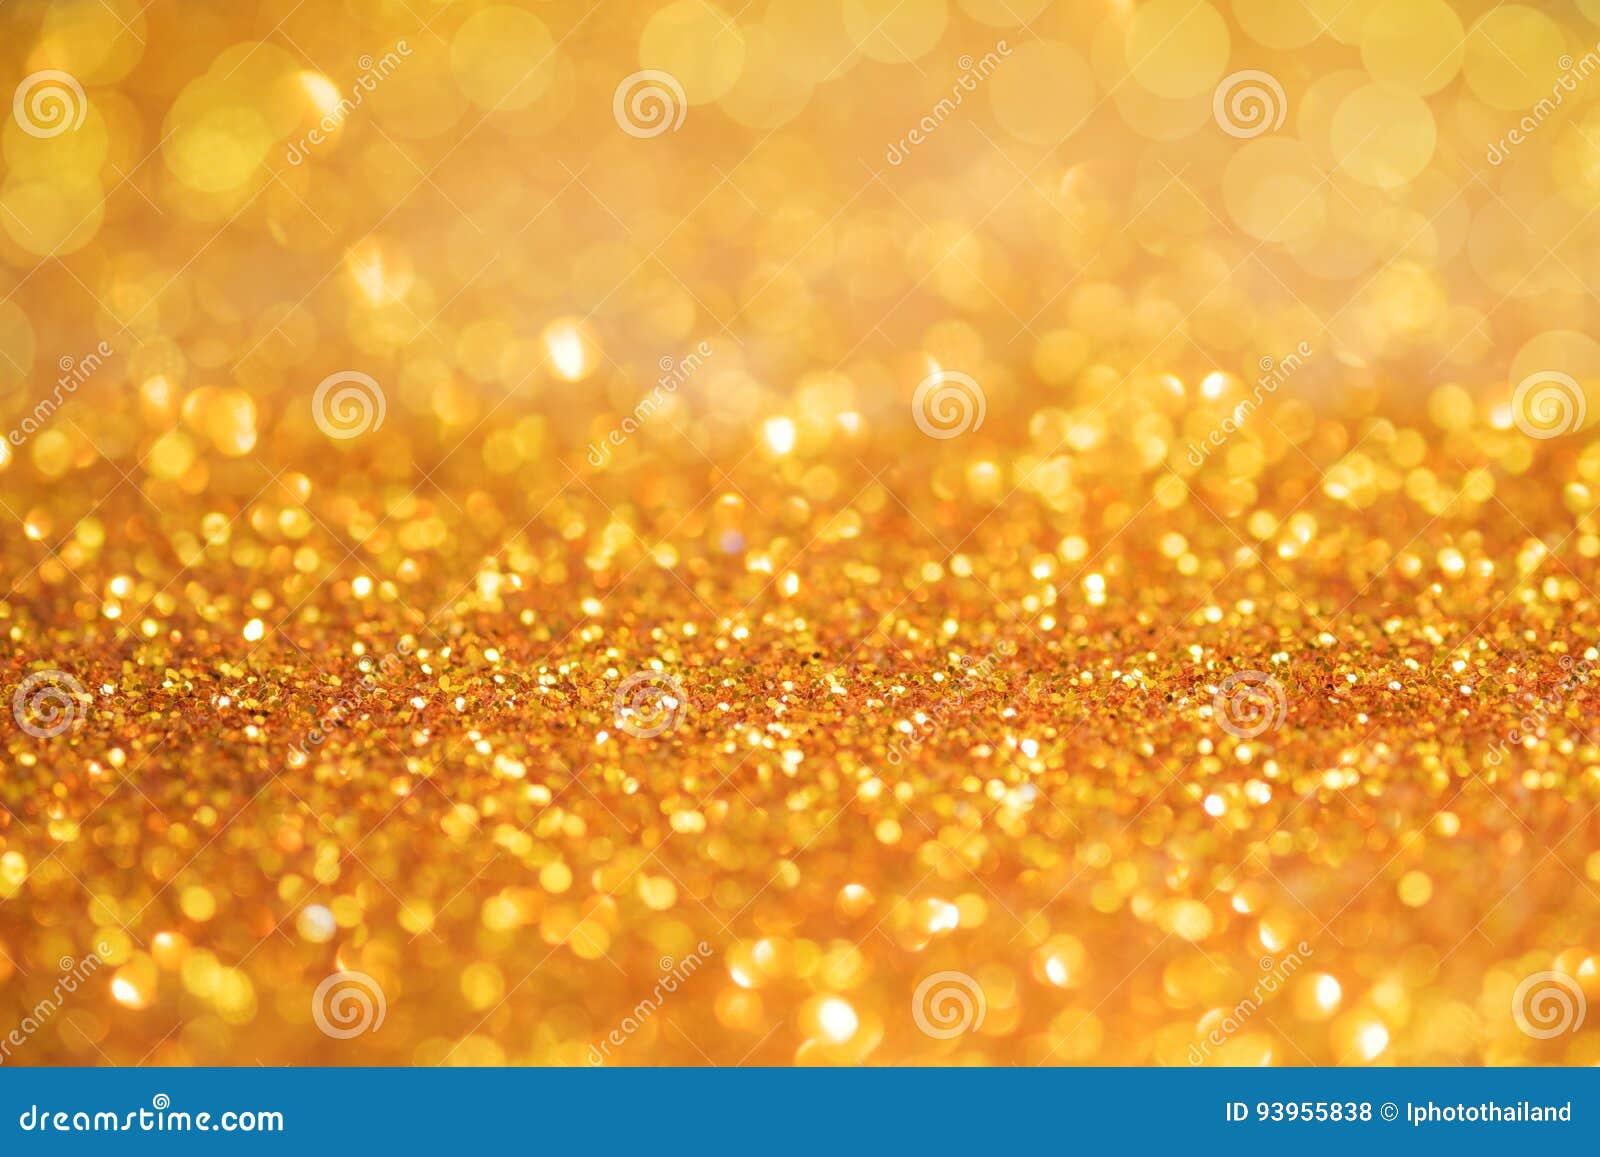 金轻的bokeh纹理或闪烁点燃欢乐金子backgrou